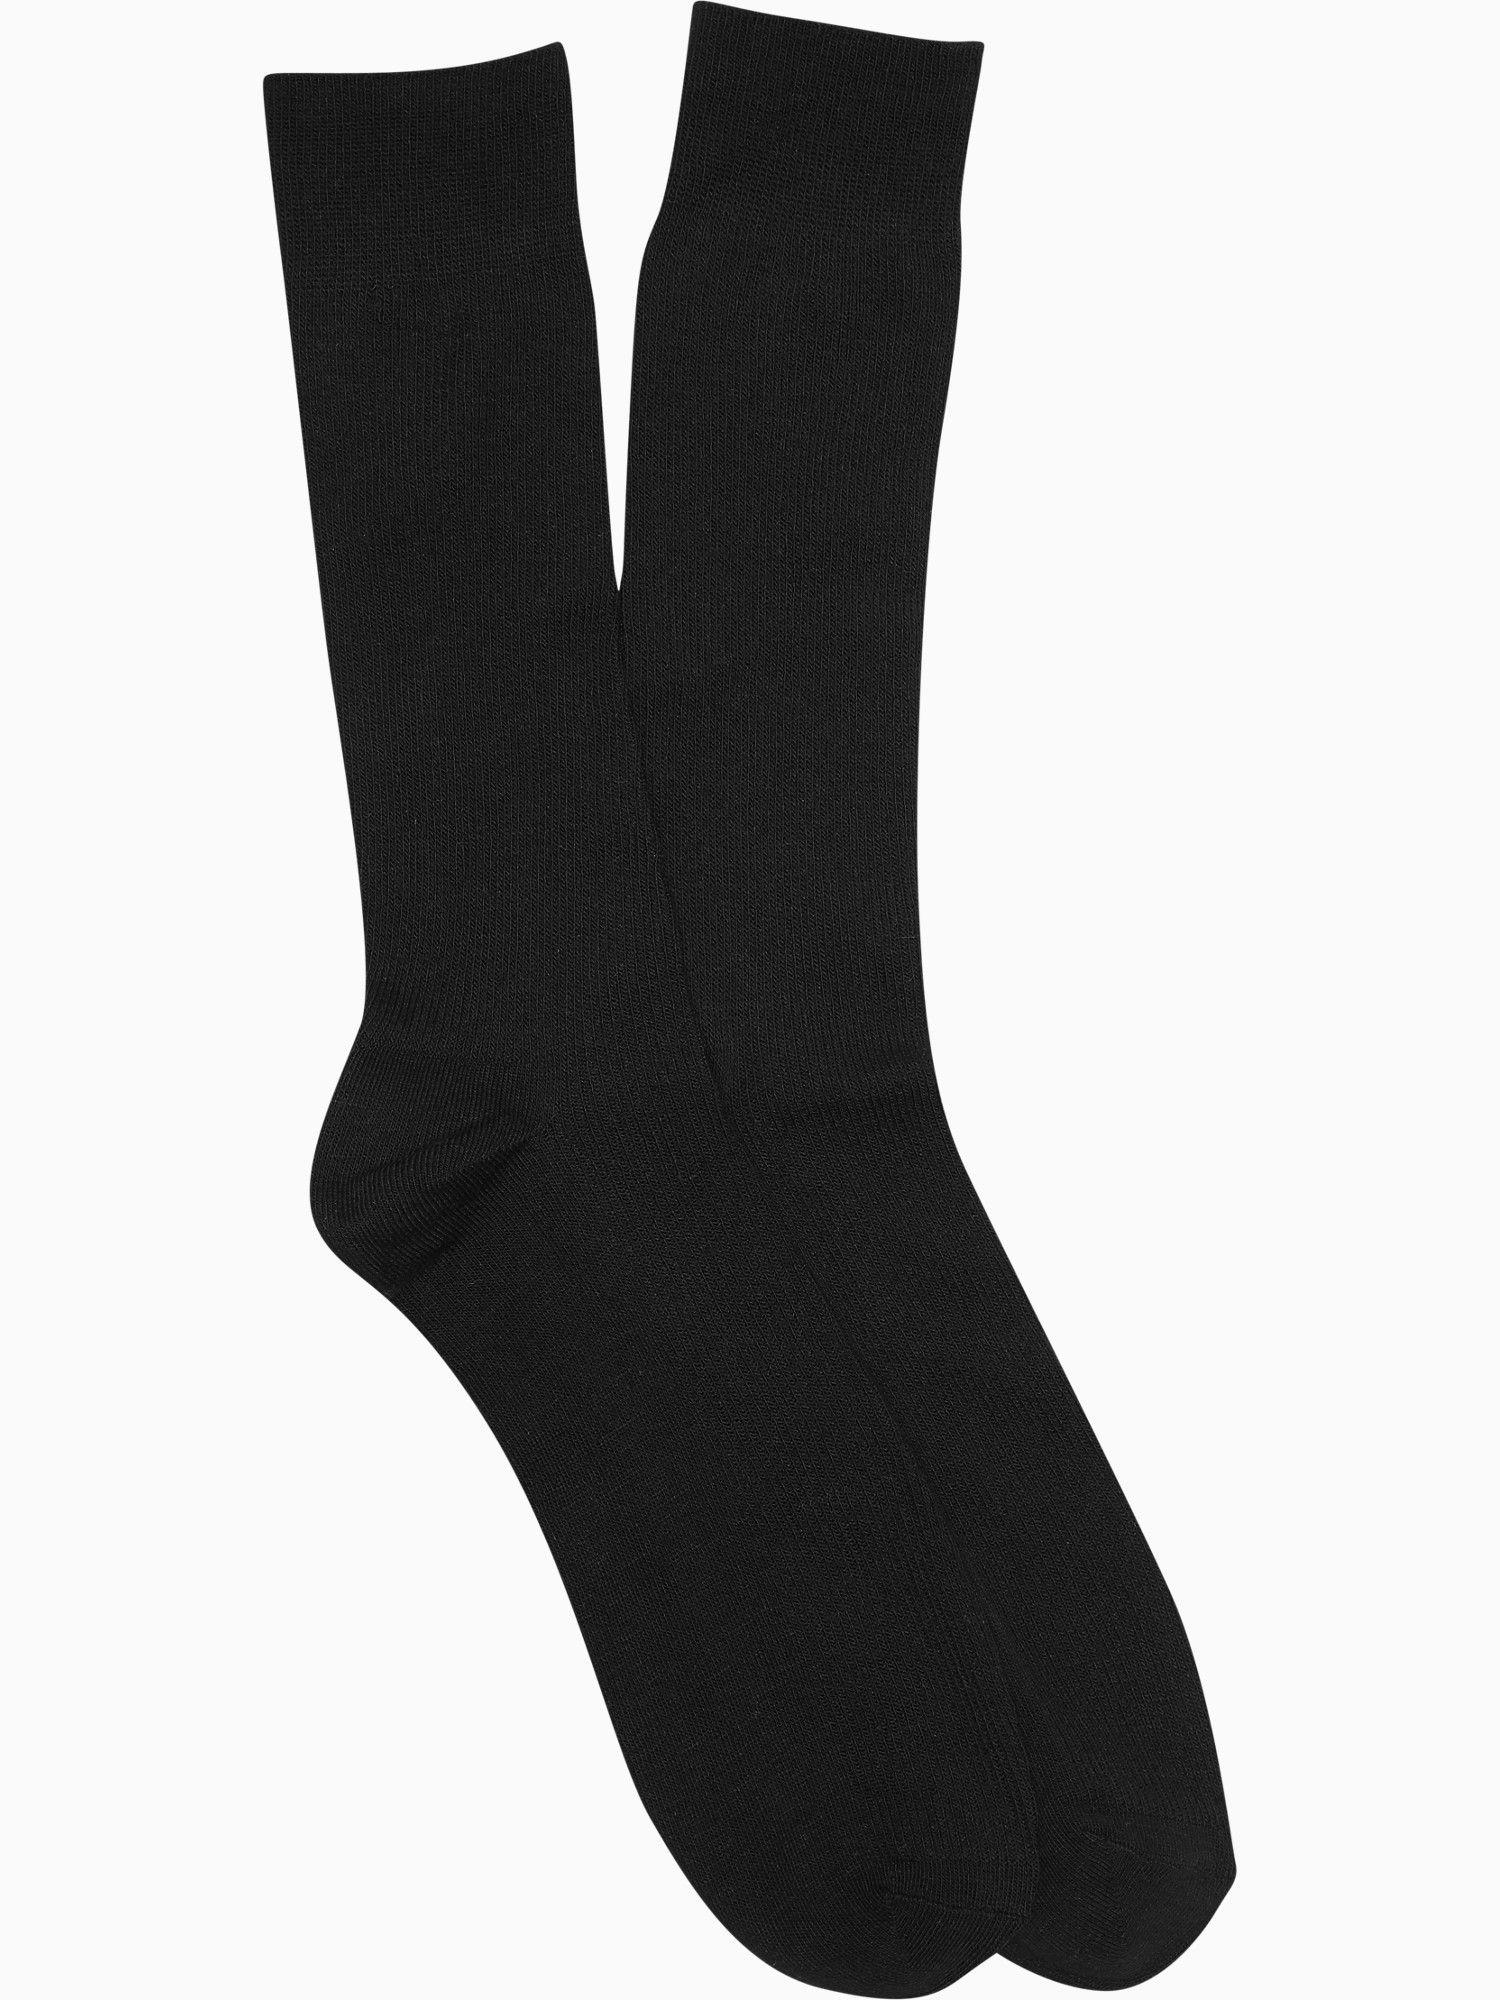 A l c black dress socks